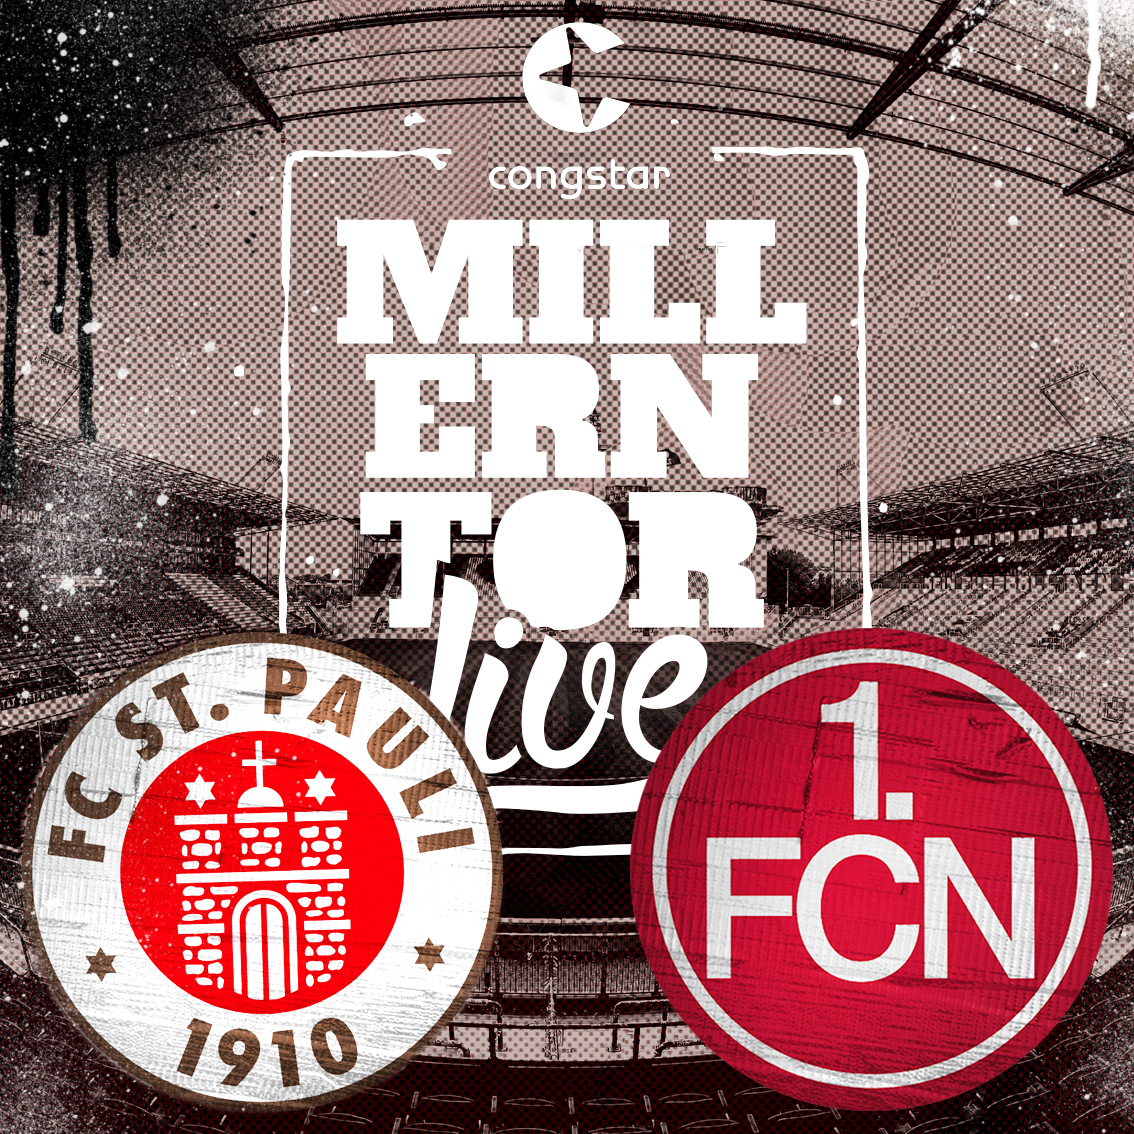 Millerntorlive – unsere Heimspielsendung gegen den FCN